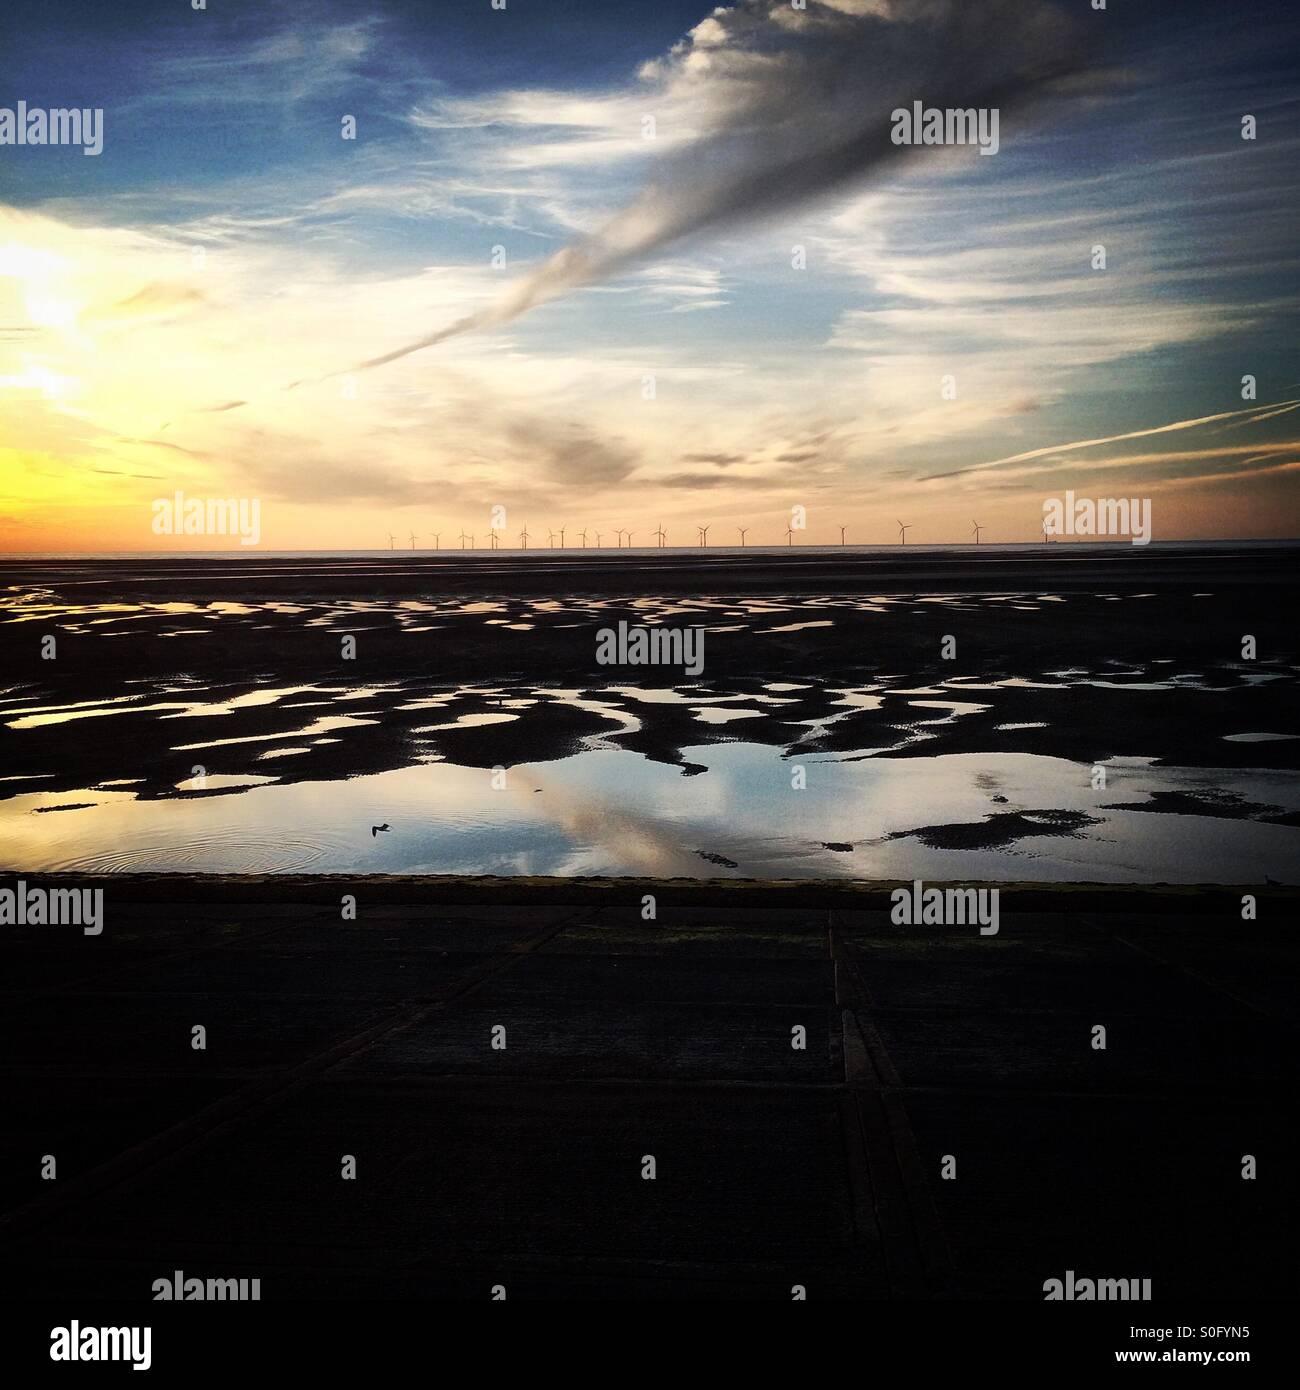 La Banque Burbo wind farm dans la baie de Liverpool, au nord ouest de l'Angleterre, vu au coucher de soleil Photo Stock